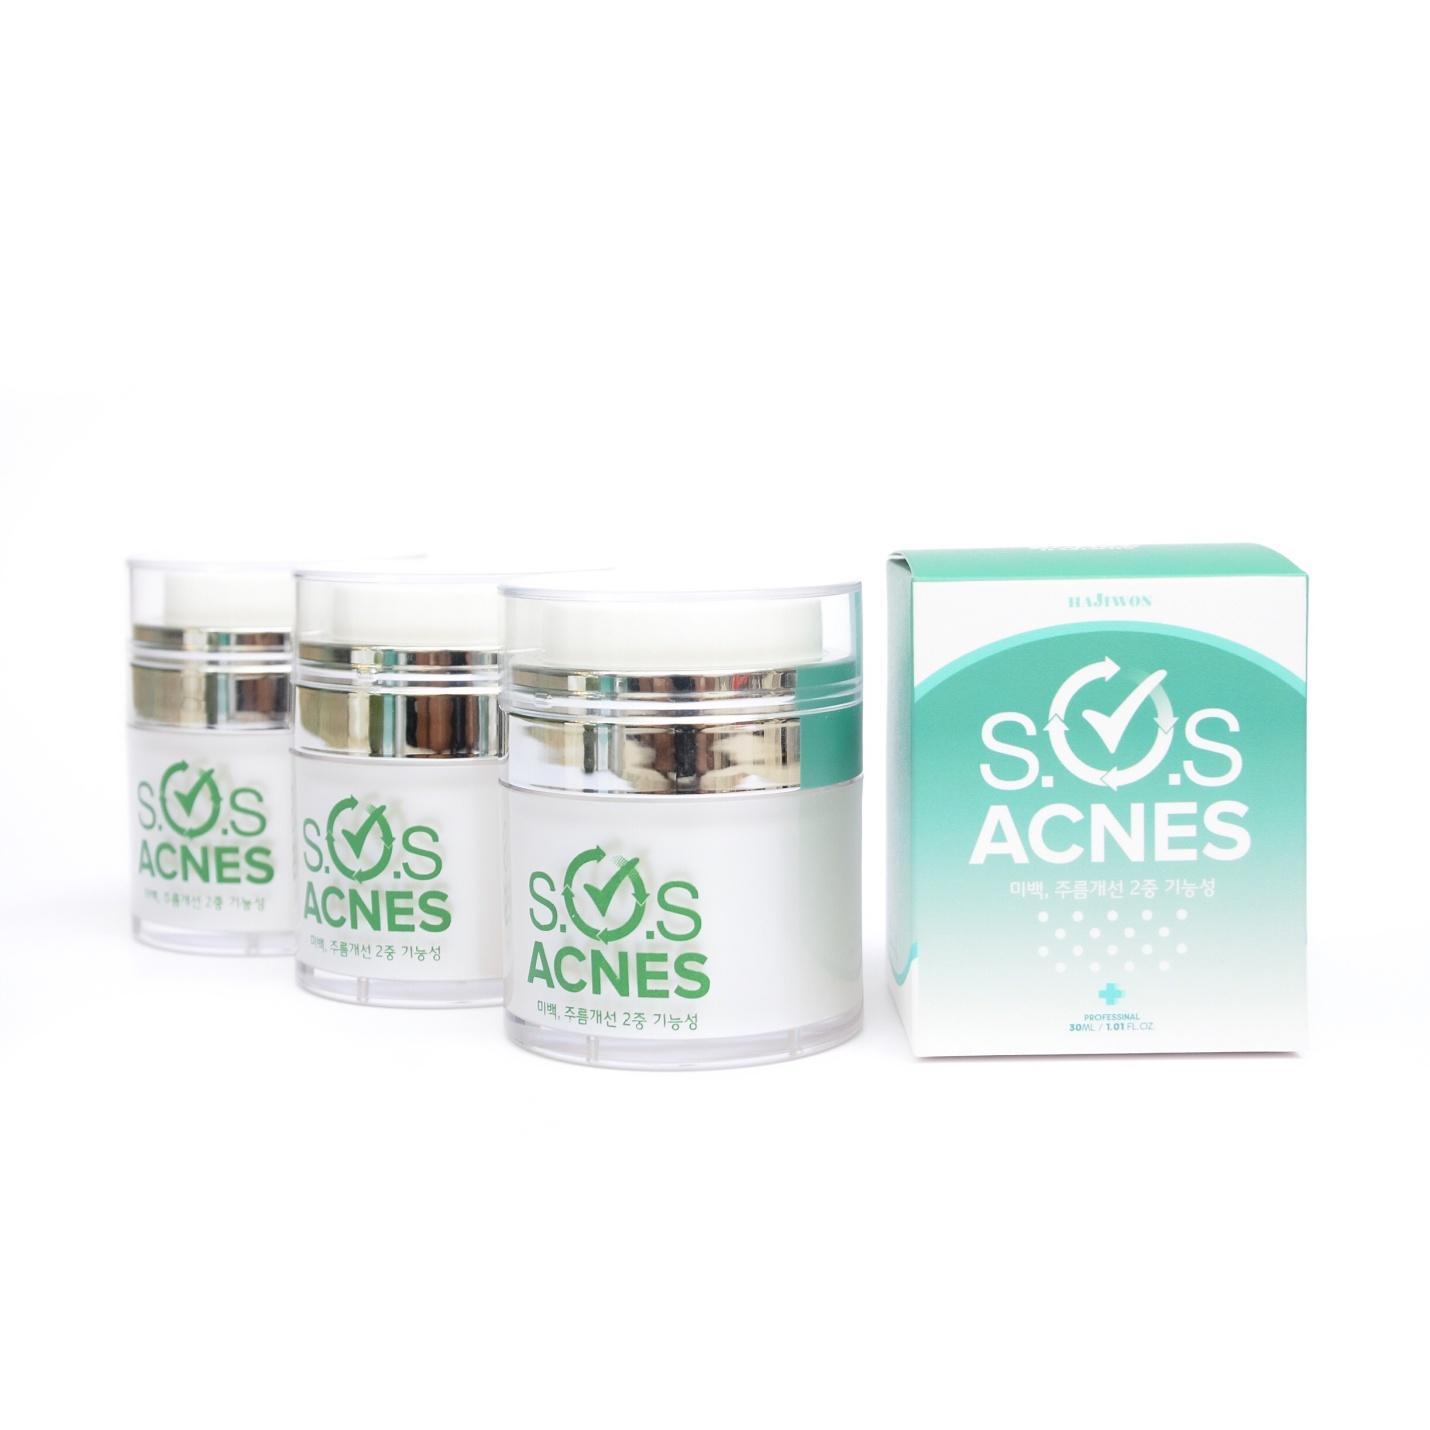 Kem trị mụn S.O.S ACNES SOS Acnes tác dụng nhanh trị mụn tận gốc